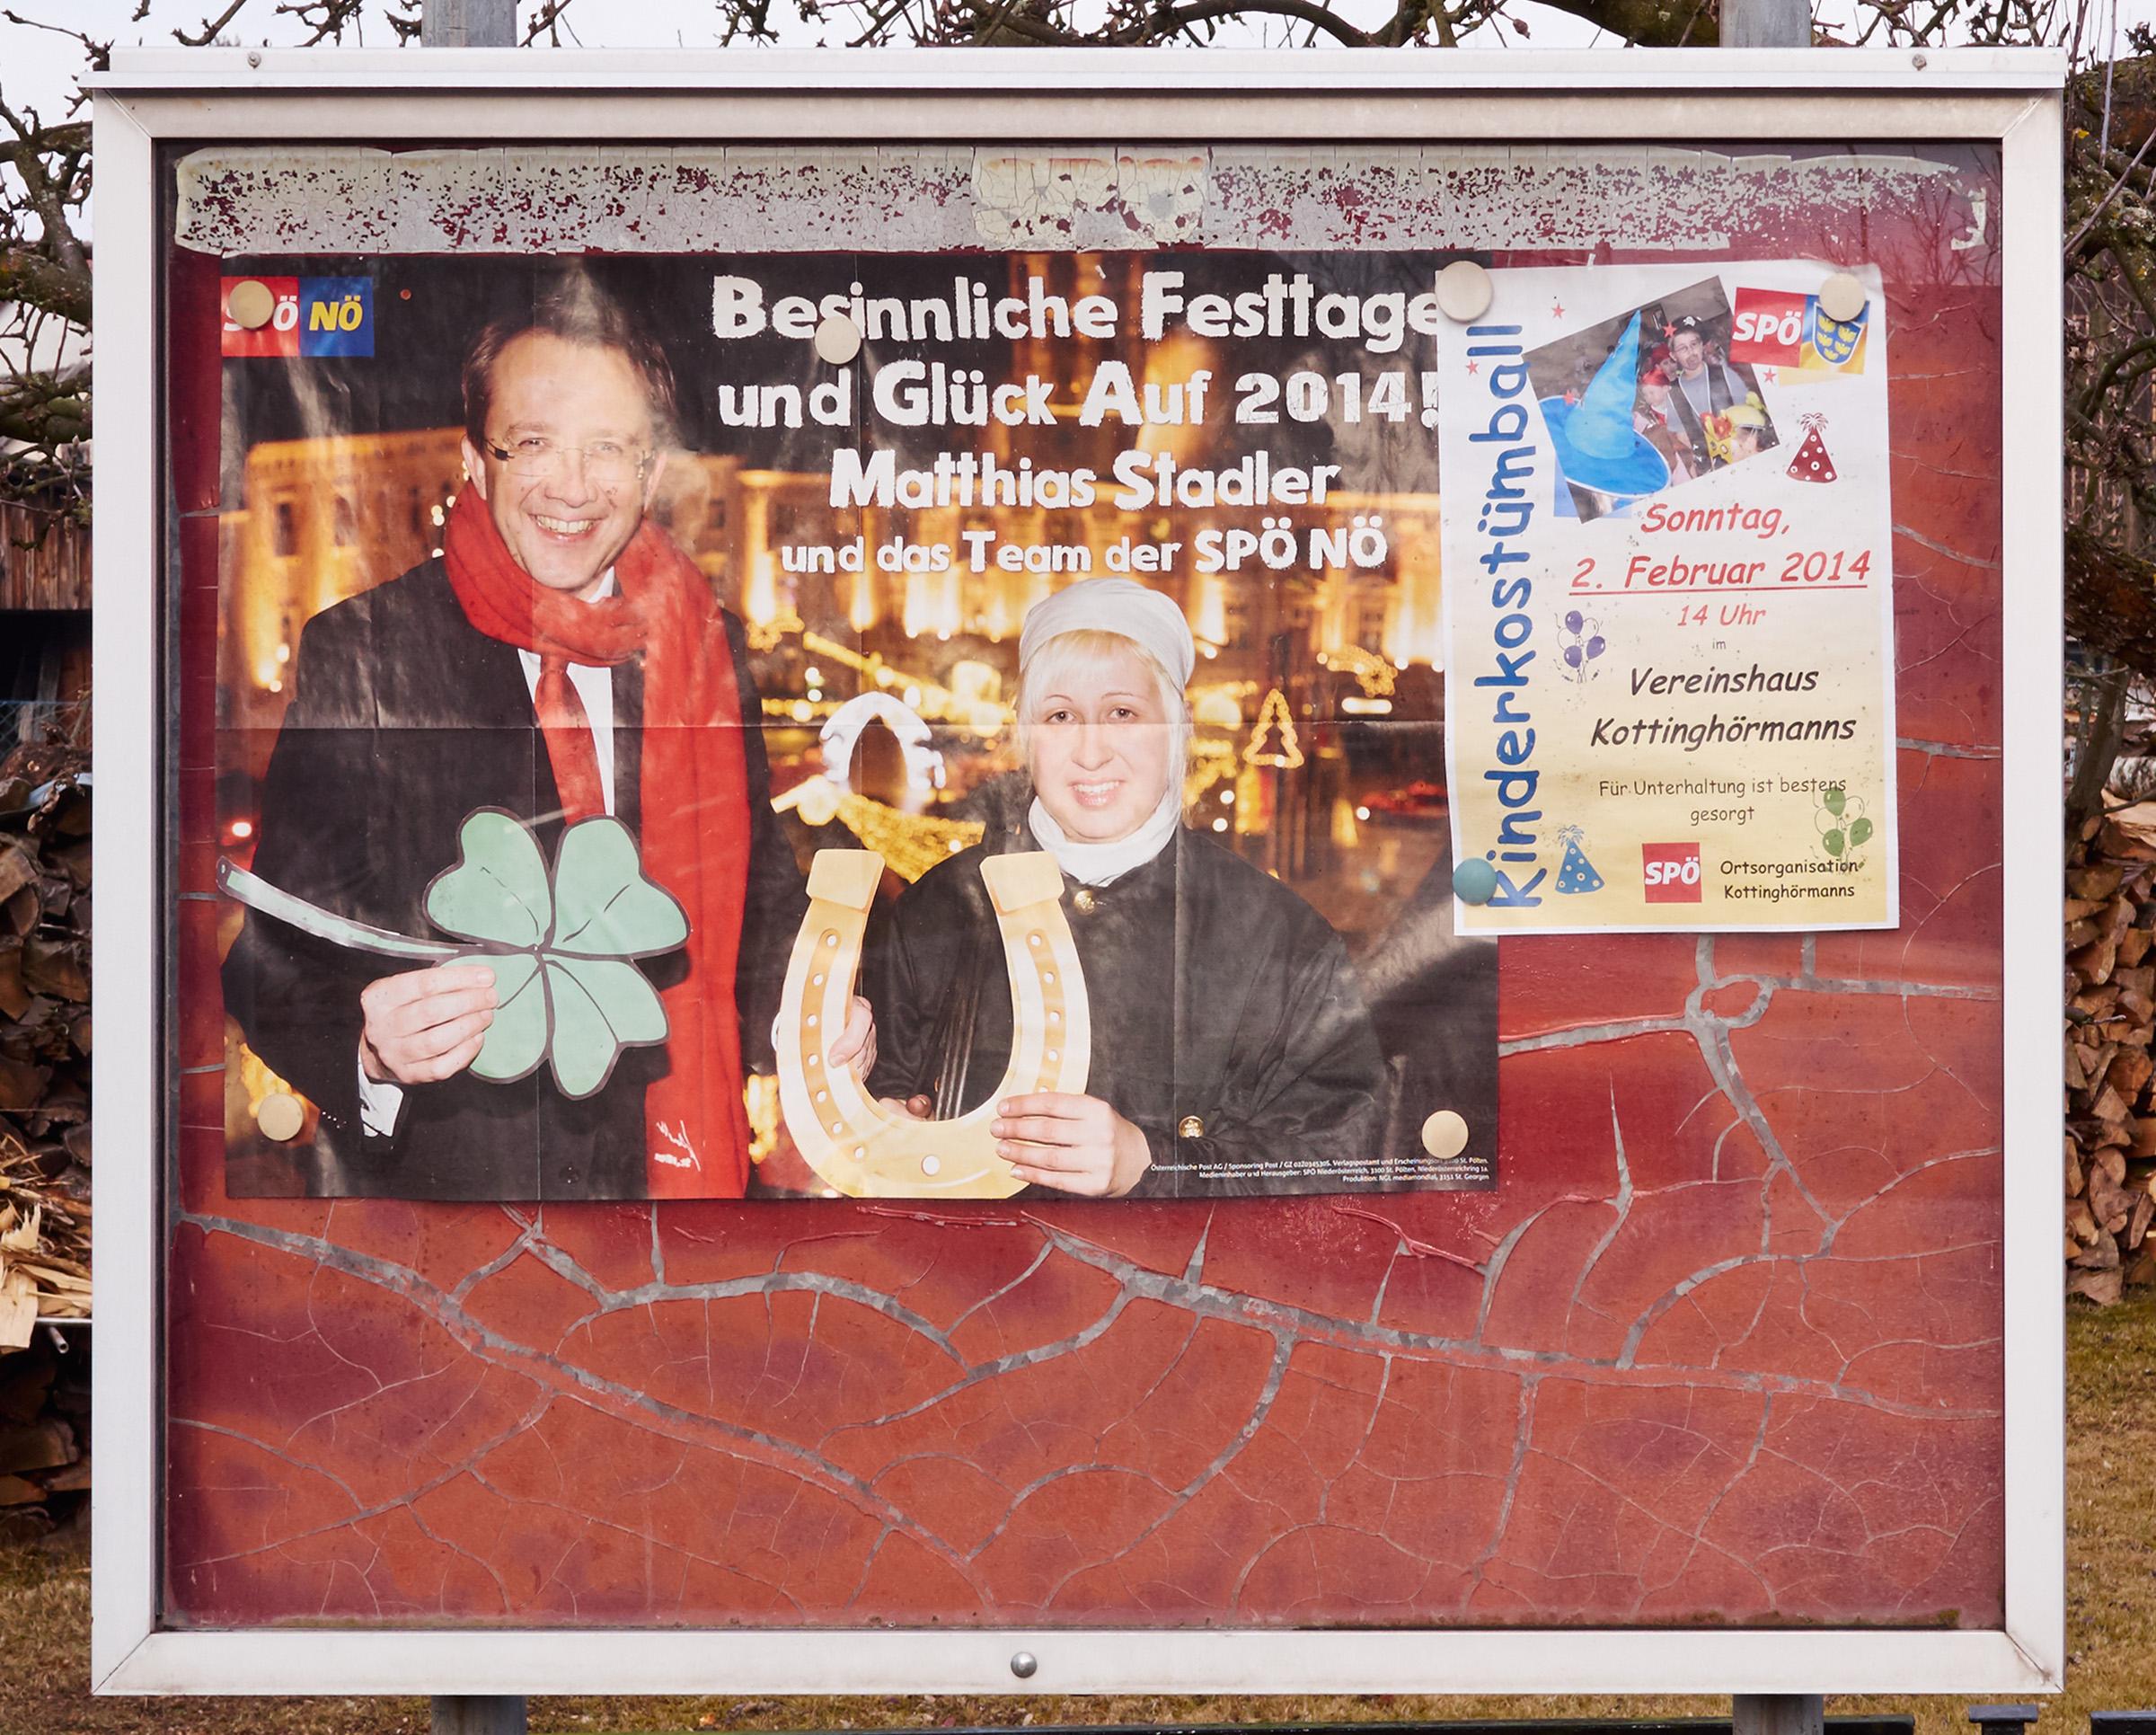 Kottinghörmanns nah 2014-01-19.jpg